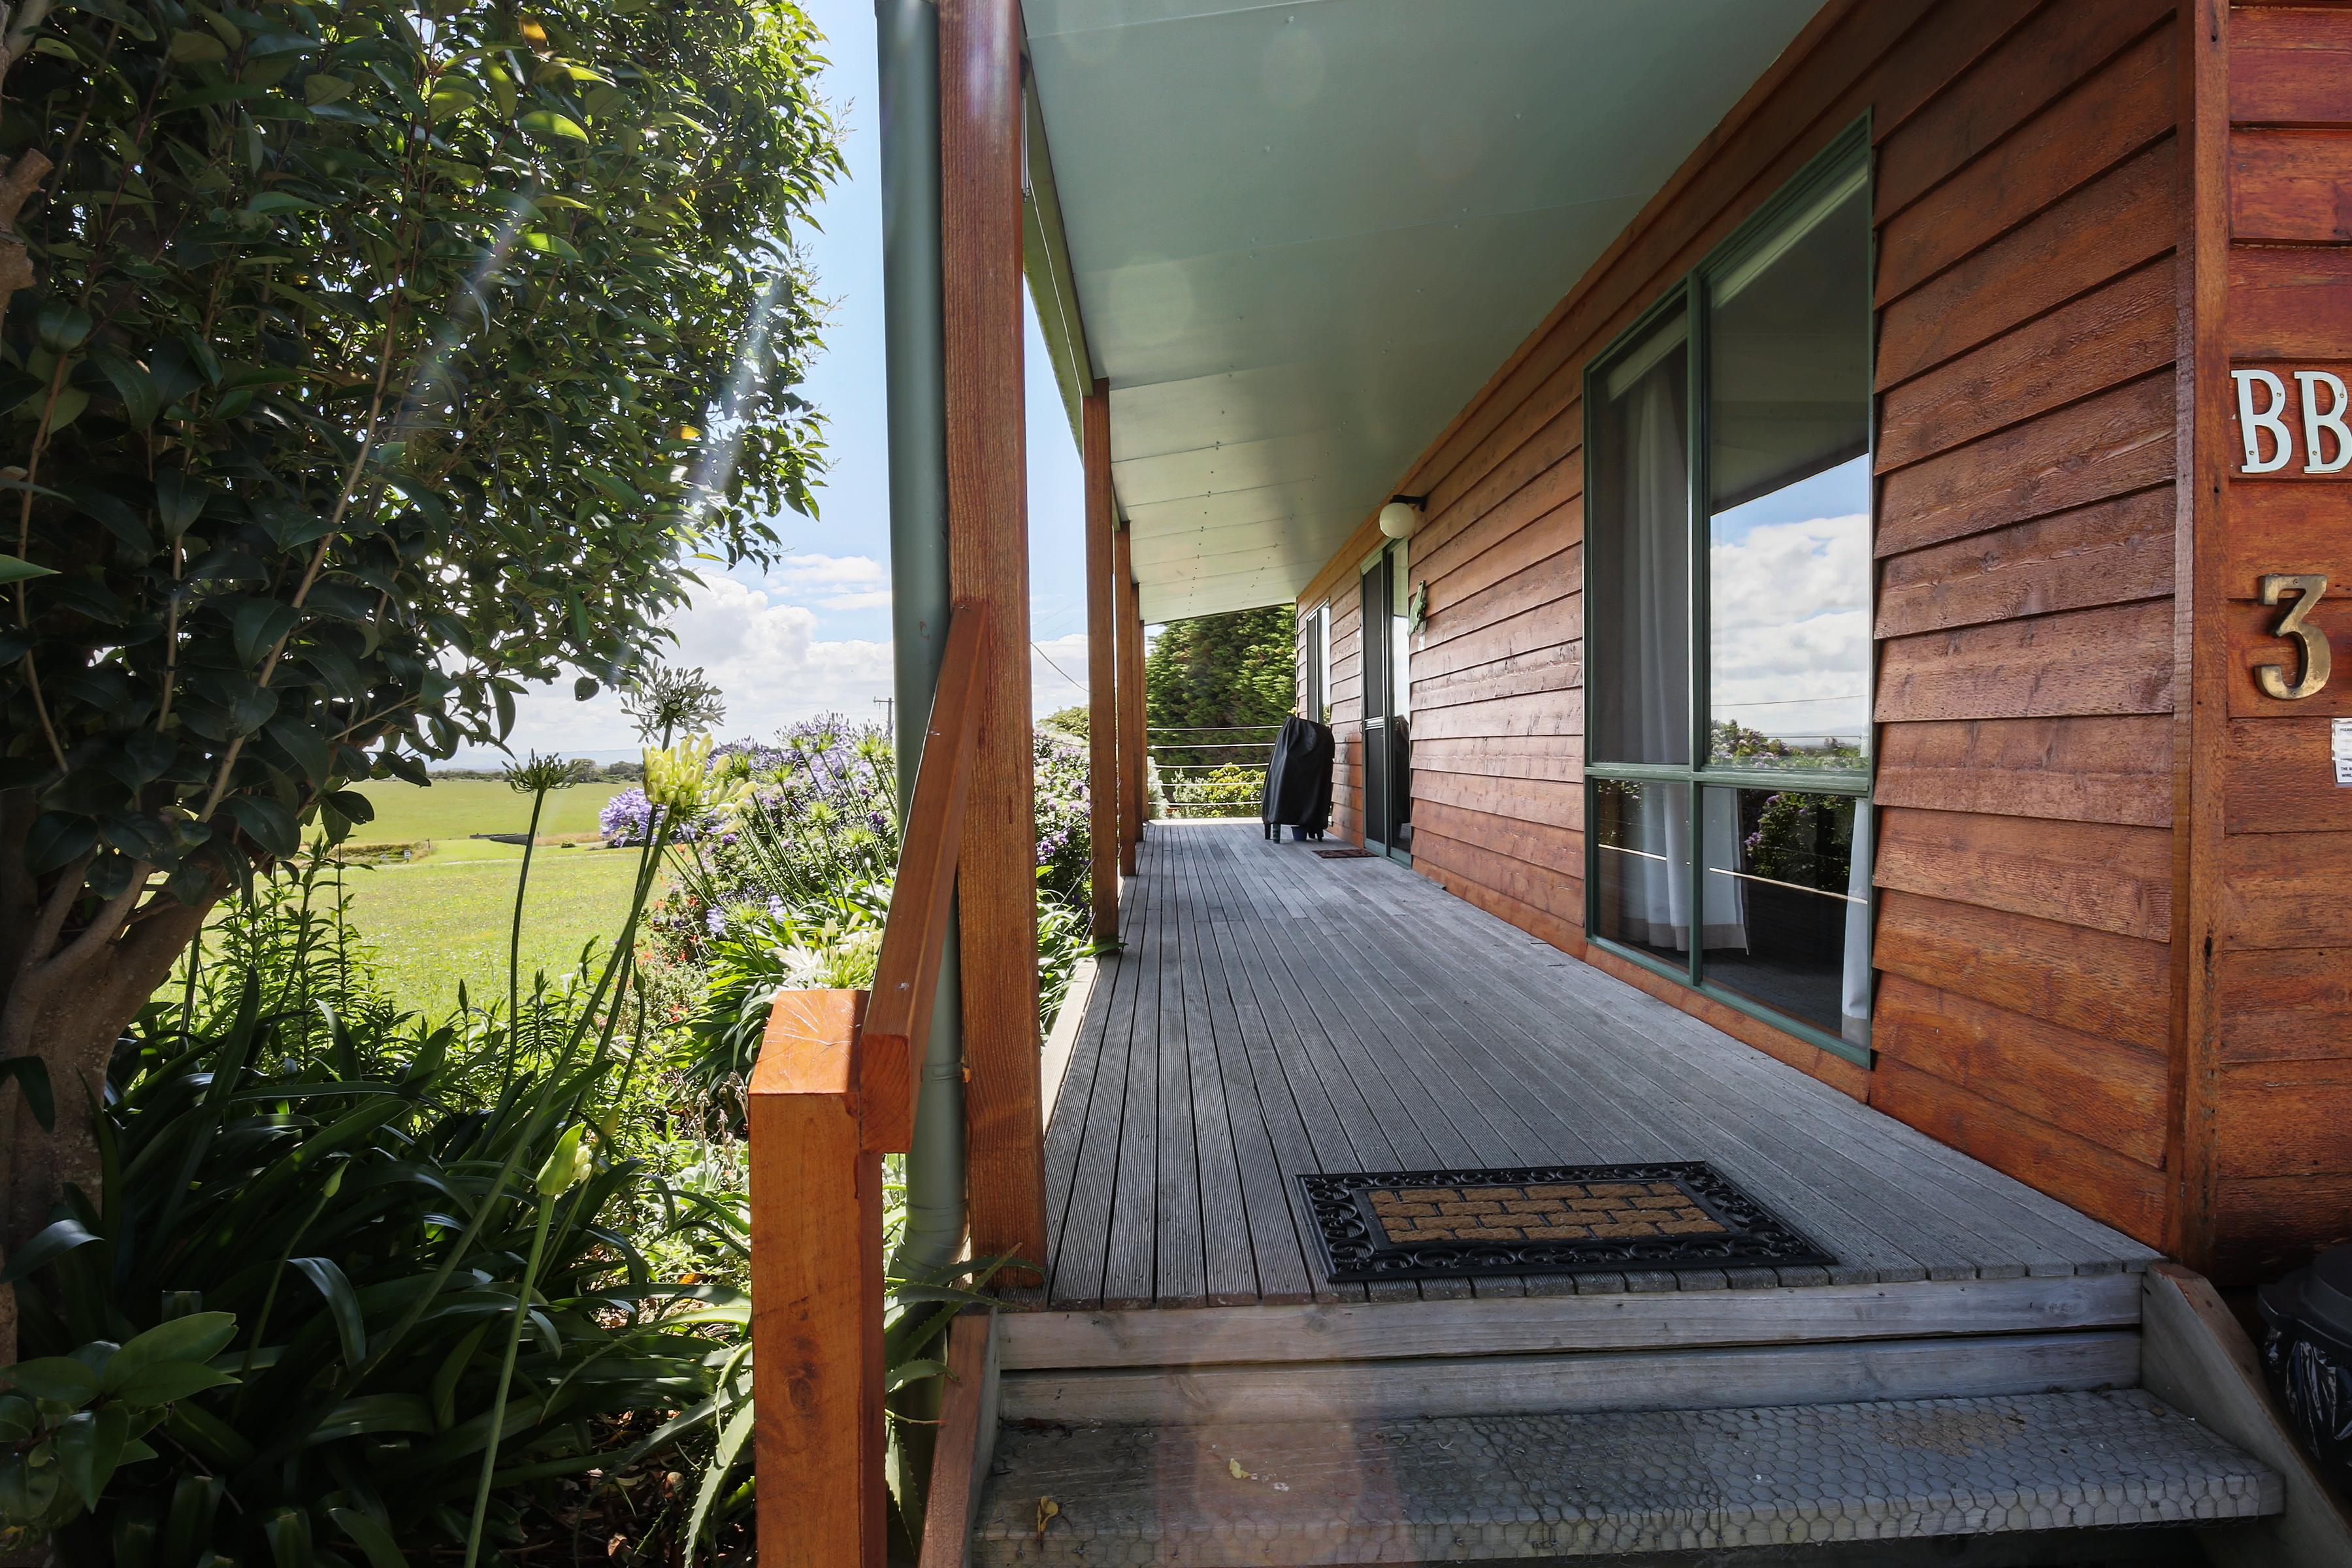 Cabin 3 Buln Buln Cabins